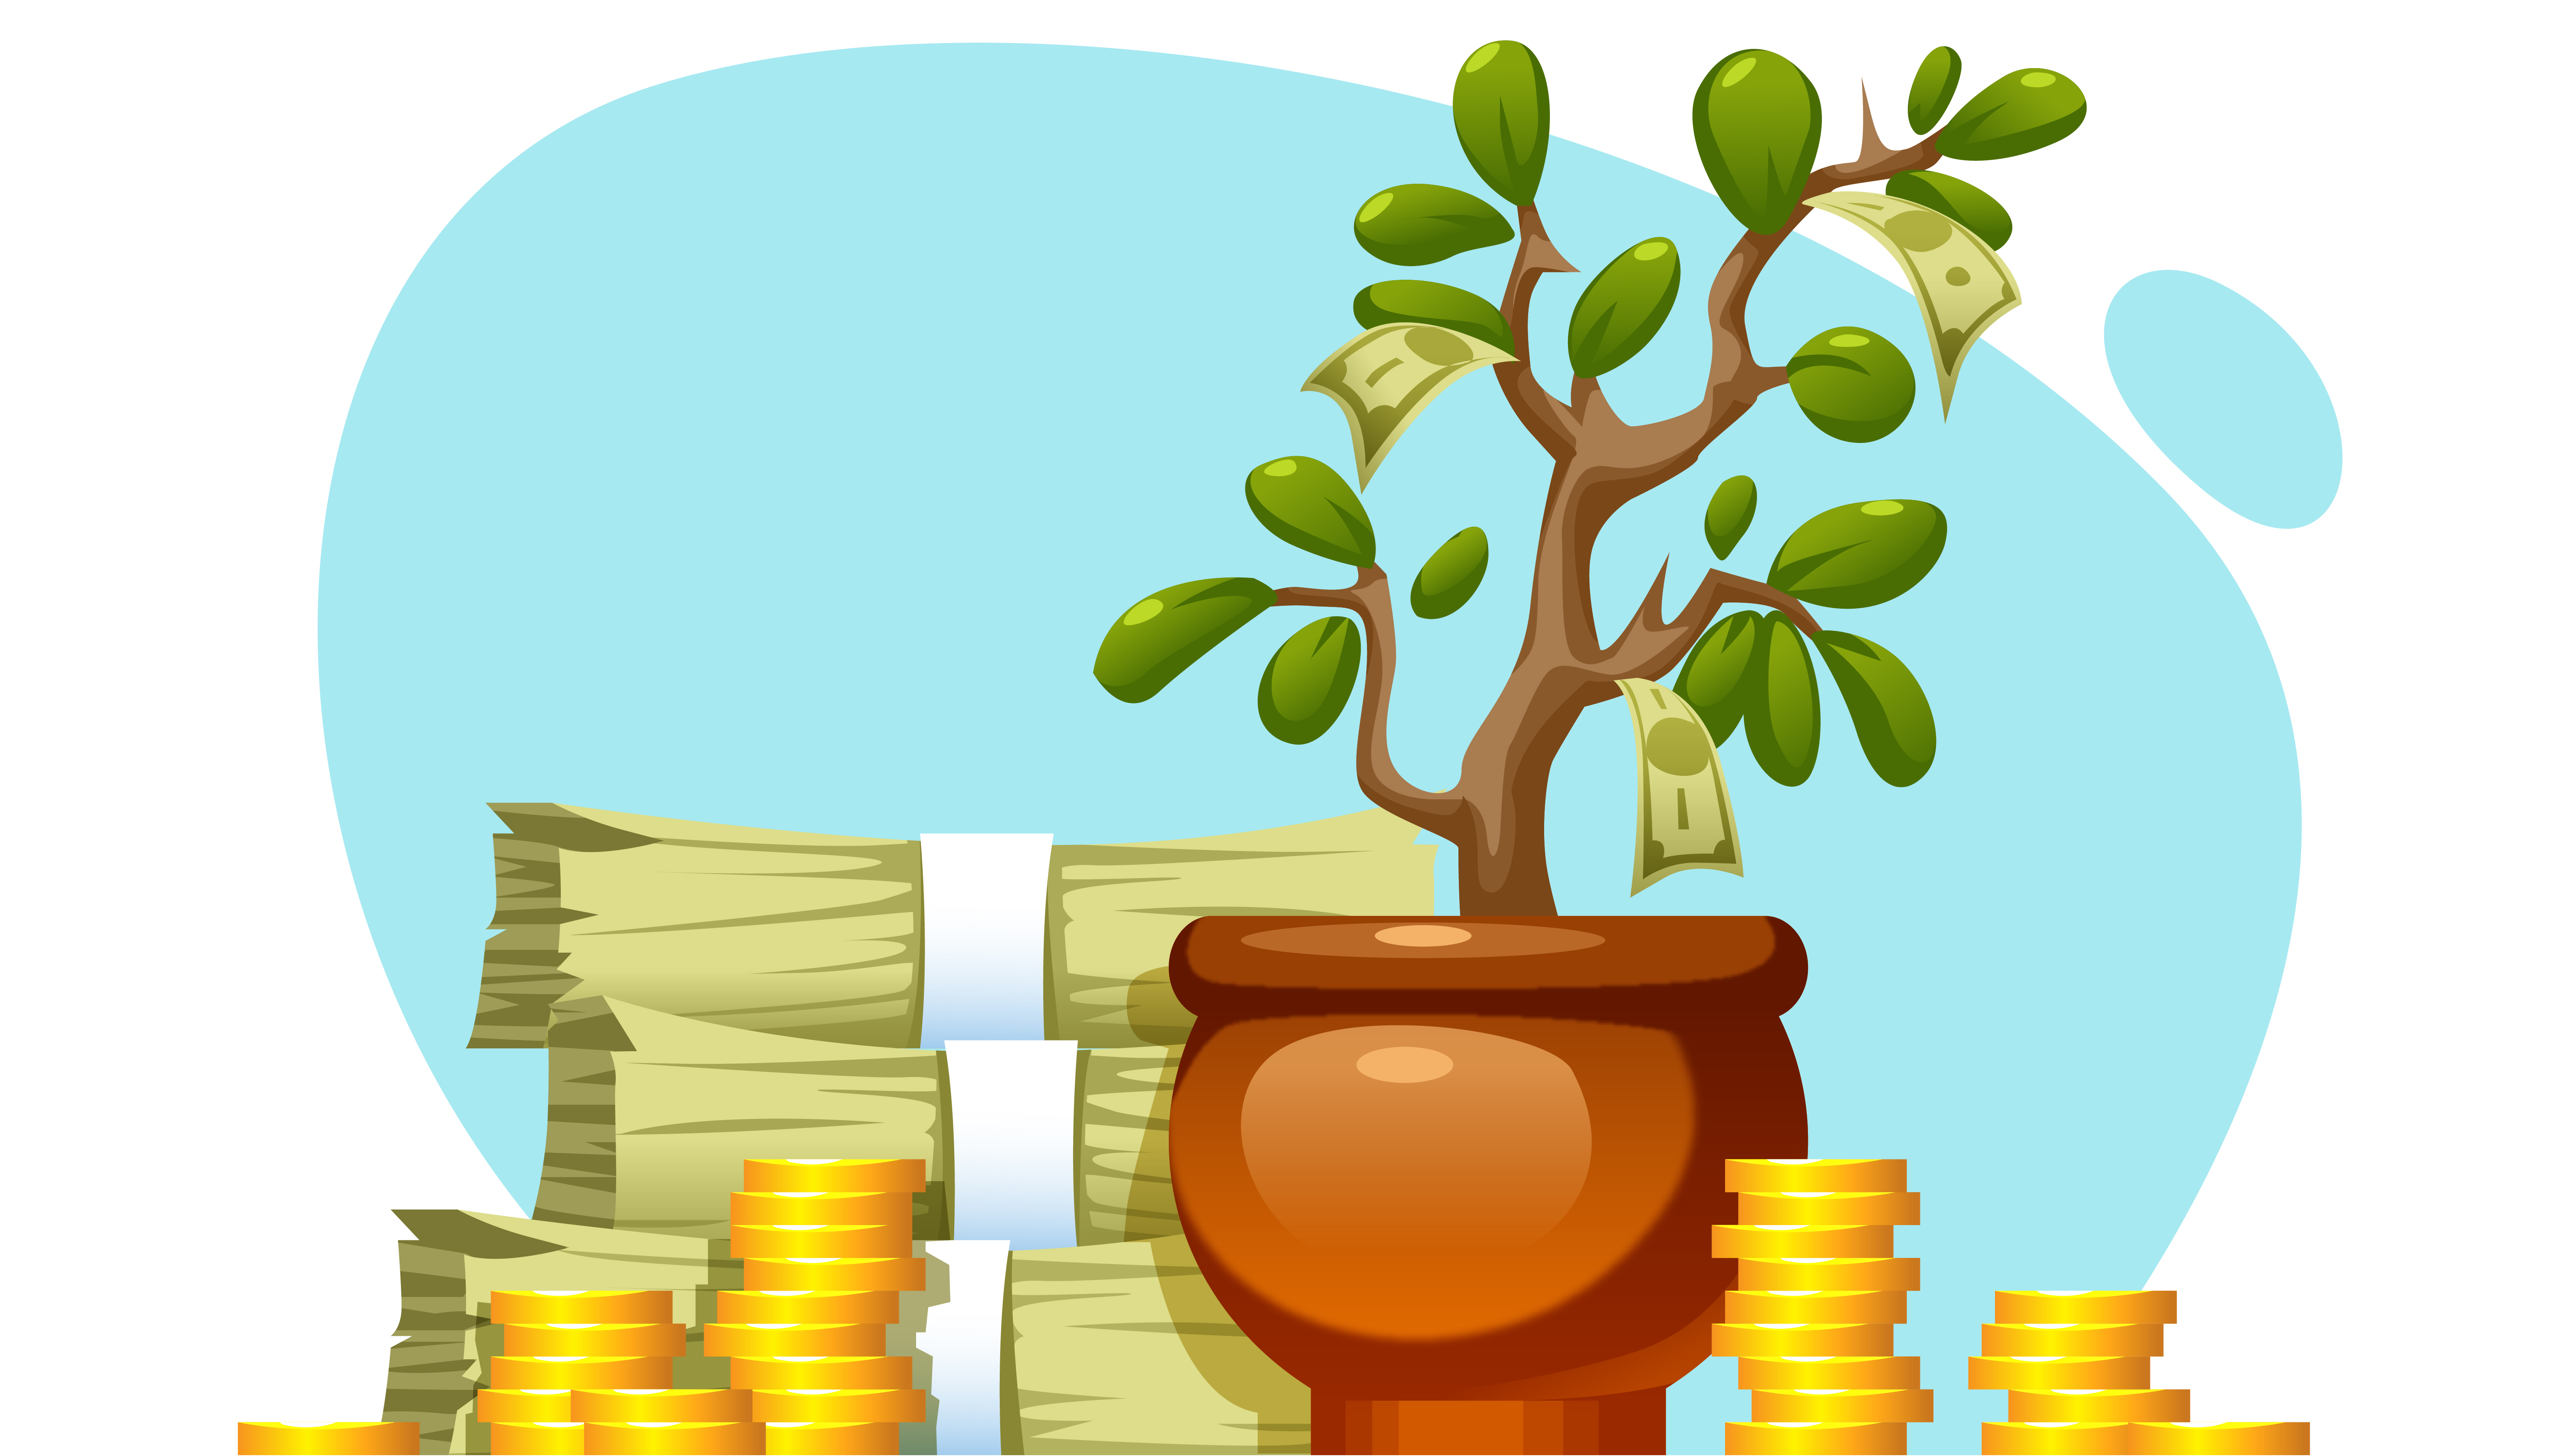 Podjetja, tu lahko trenutno dobite ugodna posojila, garancije in subvencije obrestnih mer